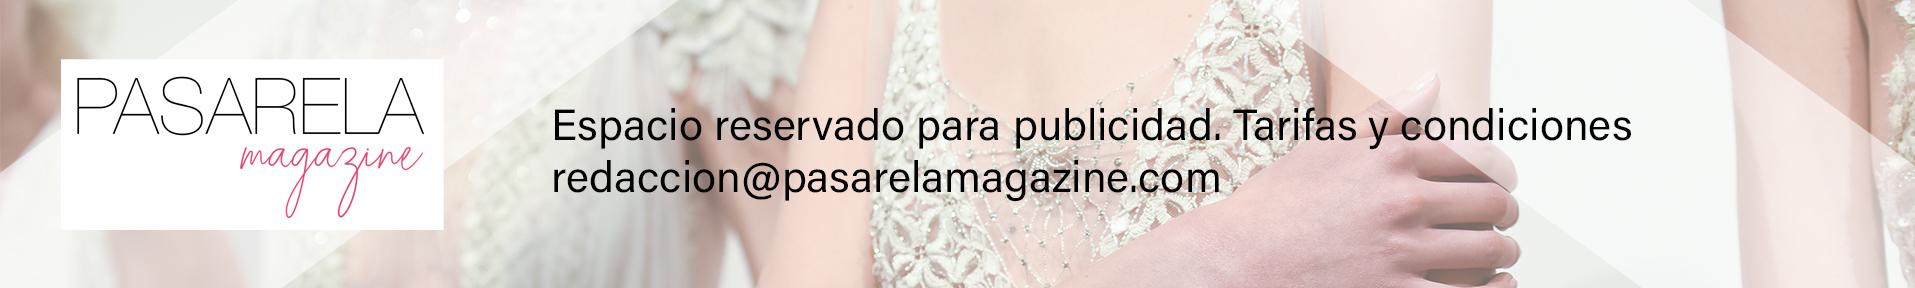 publicidad pasarela magazine